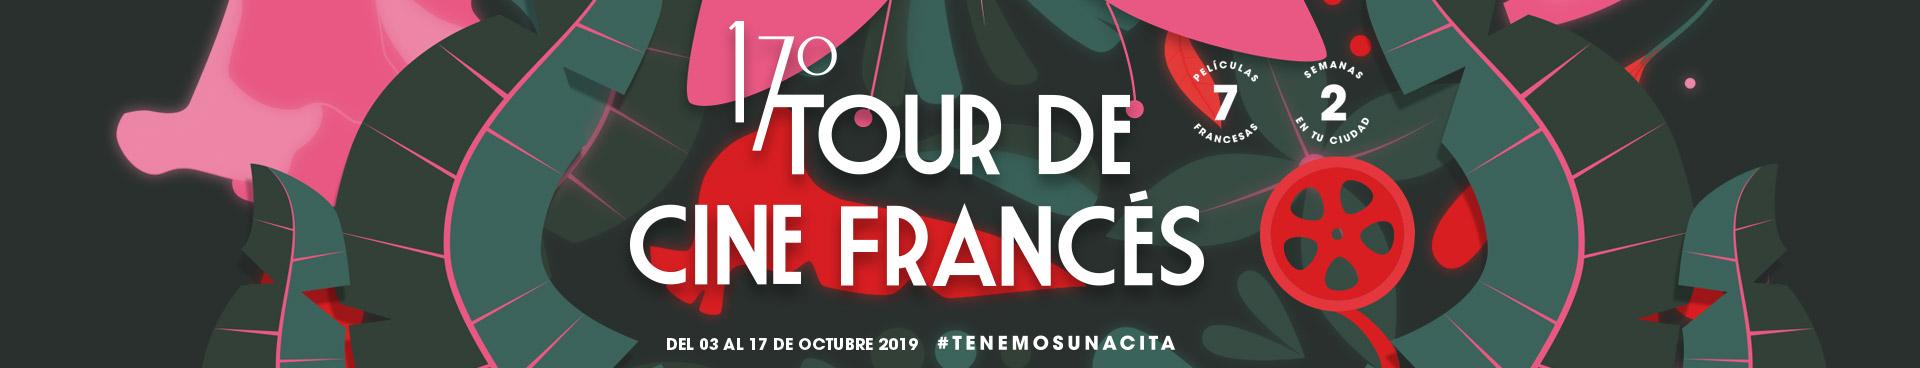 Tour Cine Frances